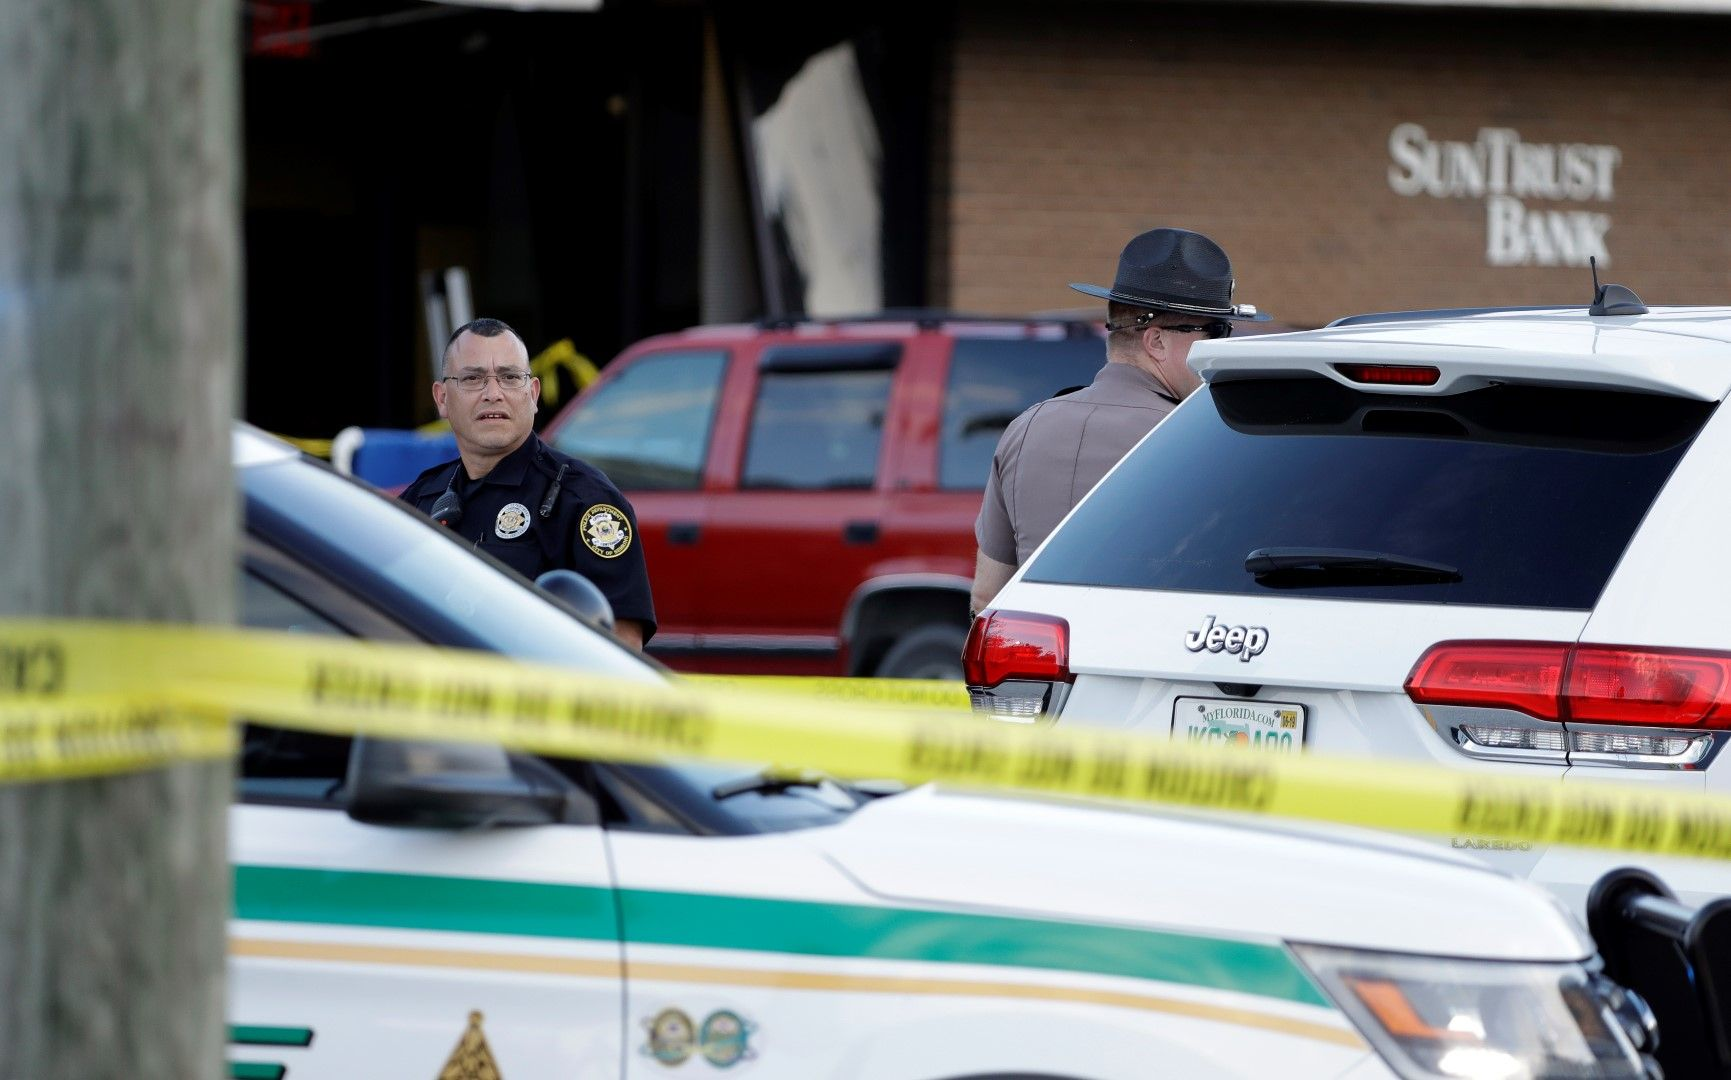 Ужасен ден за Себринг, каза губернаторът на Флорида